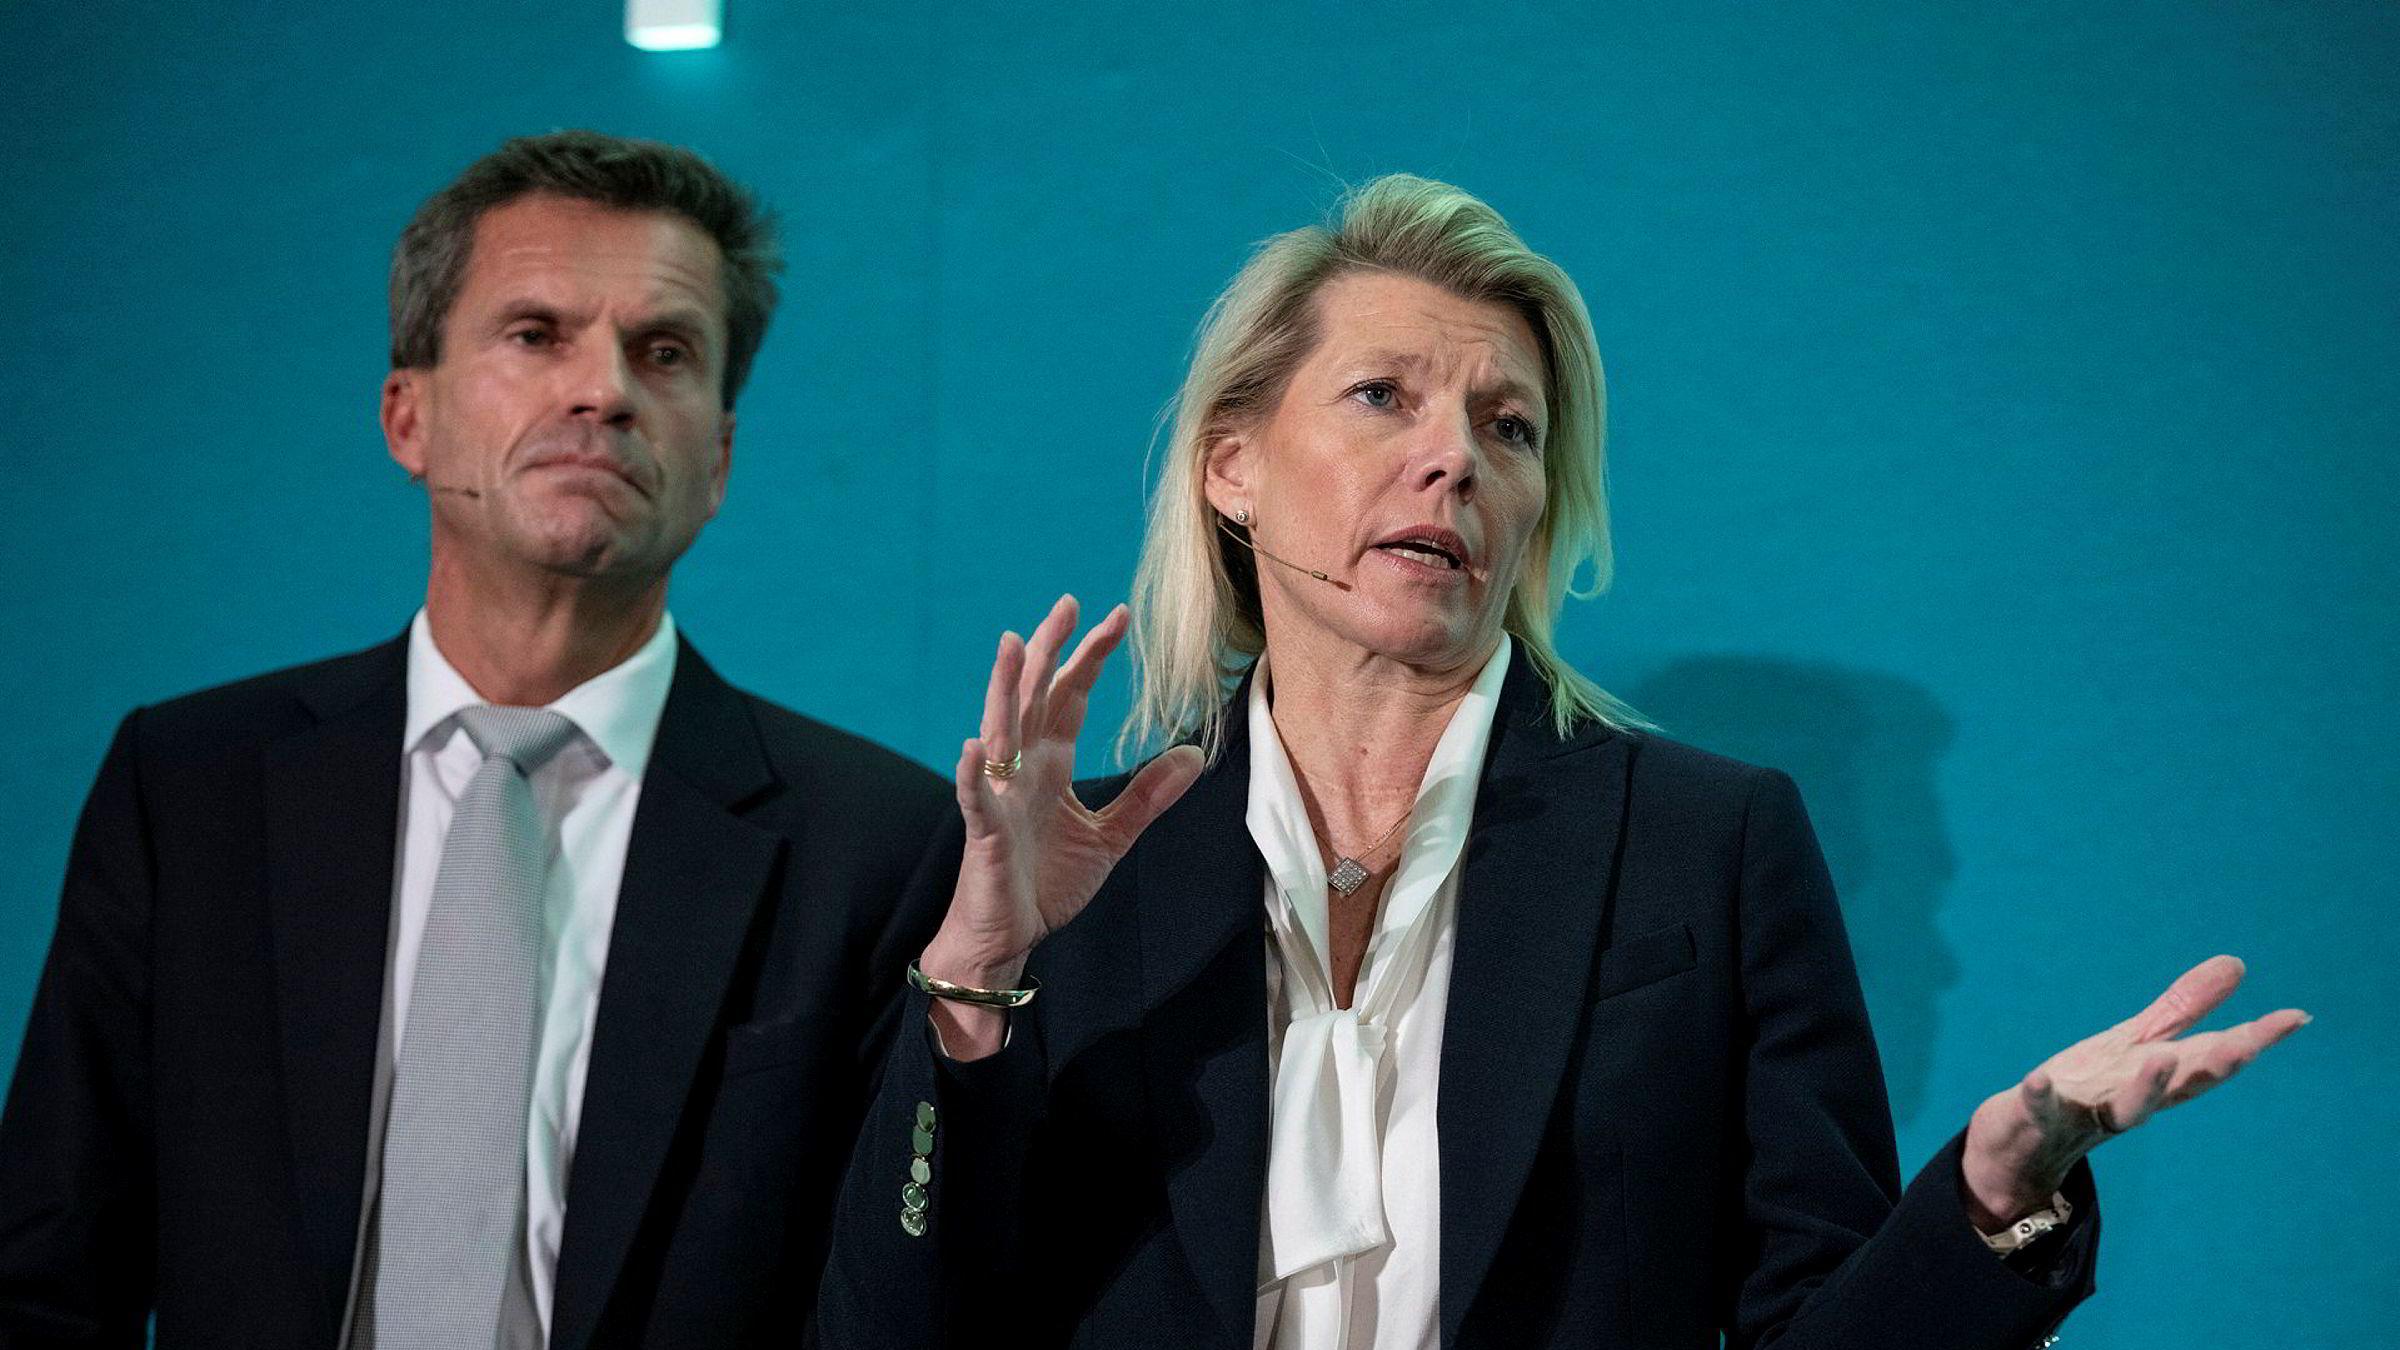 Finansdirektør Ottar Ertzeid og konsernsjef Kjerstin Braathen i DNB snur og kutter renten senest 5. april etter at flere har uttrykt misnøye over bankens motvilje til å kutte renten raskere.